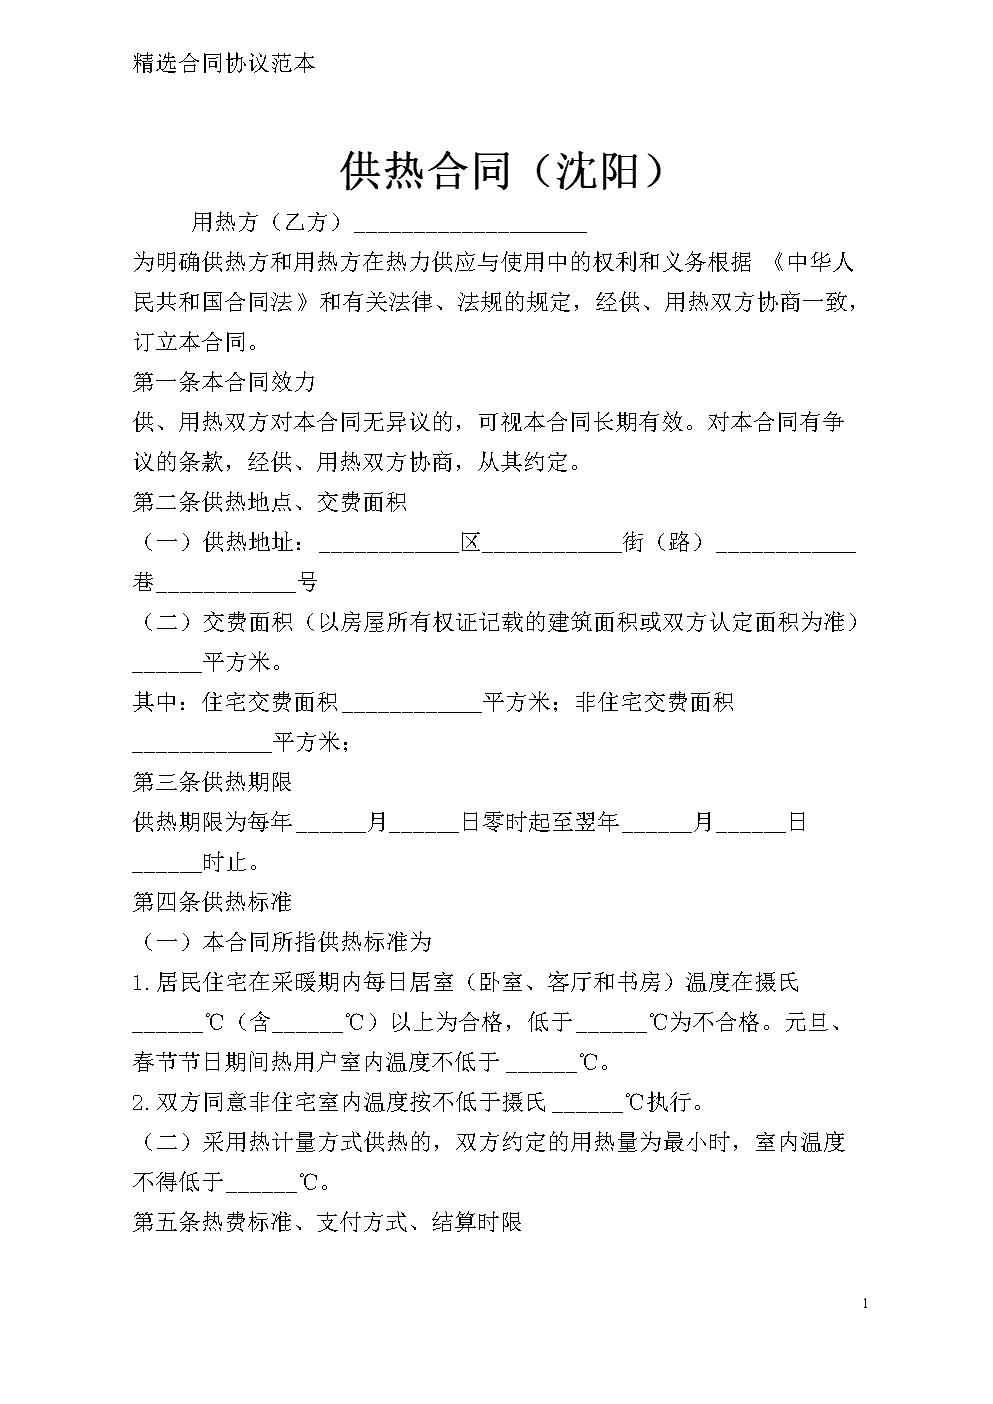 供热合同样本模板(沈阳).doc